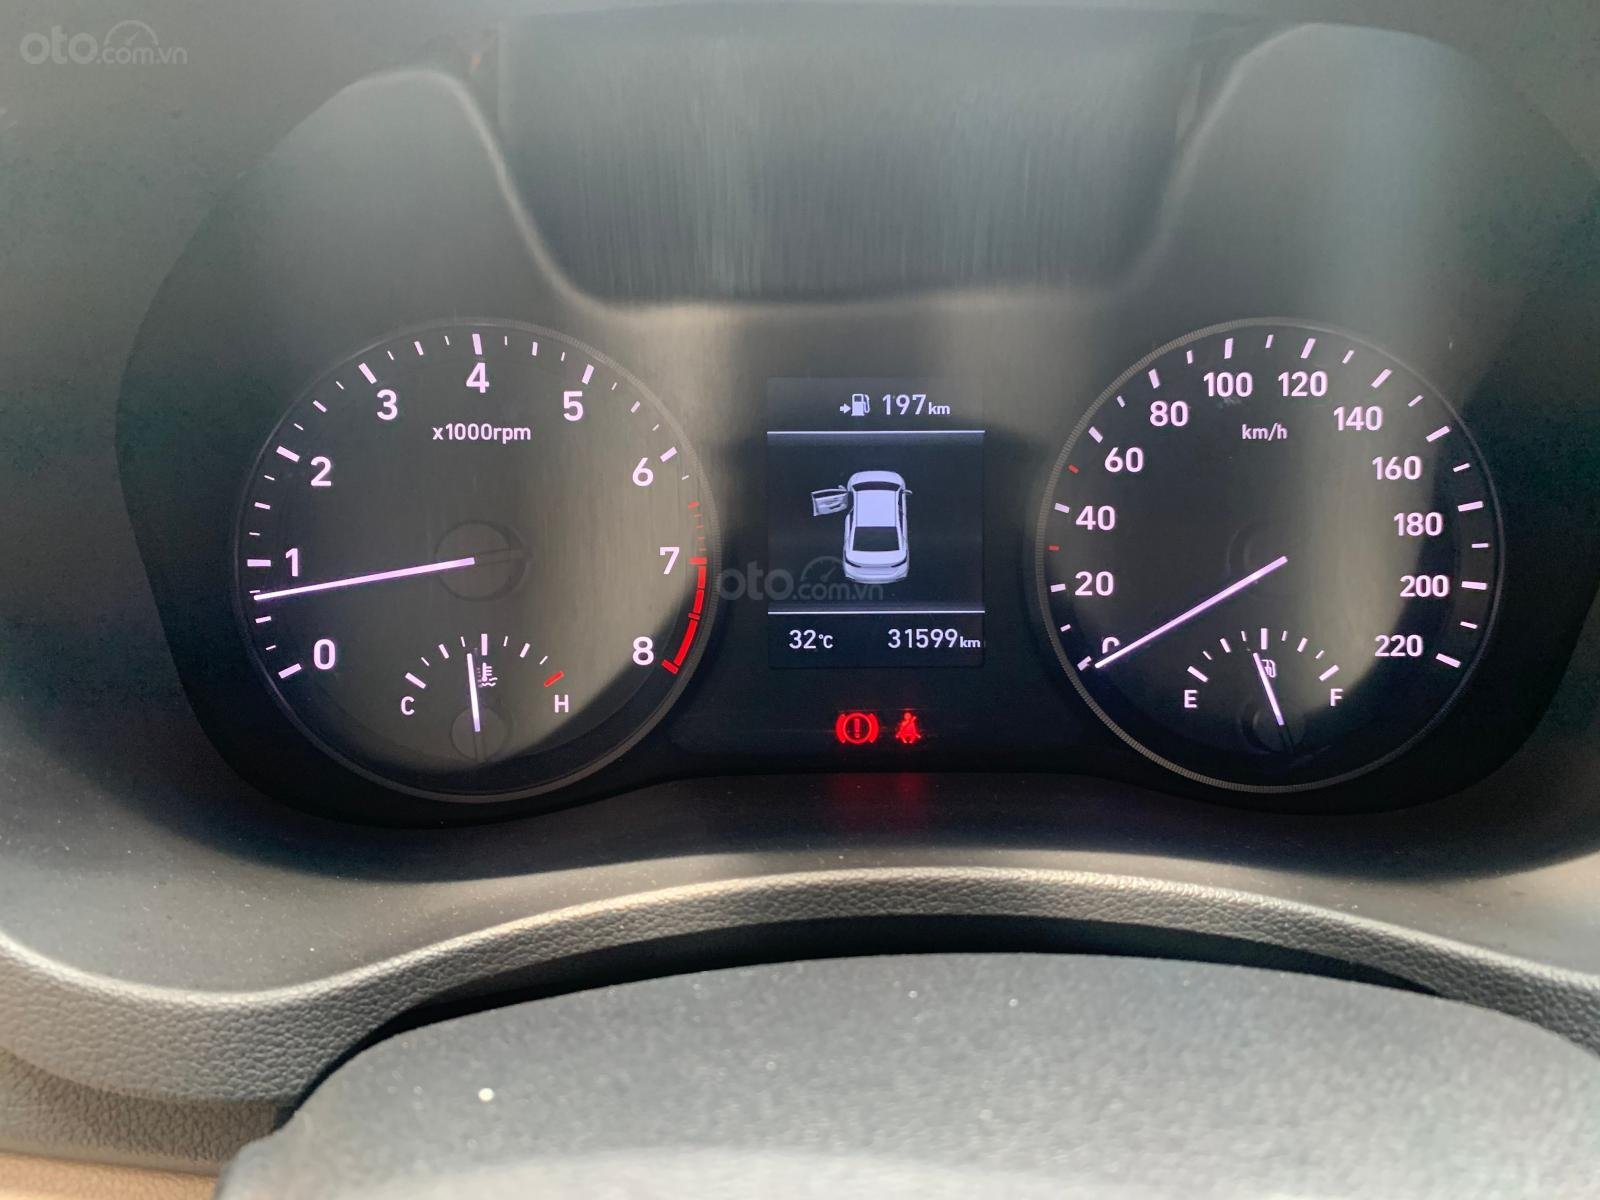 Hyundai Accent 1.4MT 2018 màu vàng - tặng 100% phí trước bạ + bảo hiểm vật chất (8)